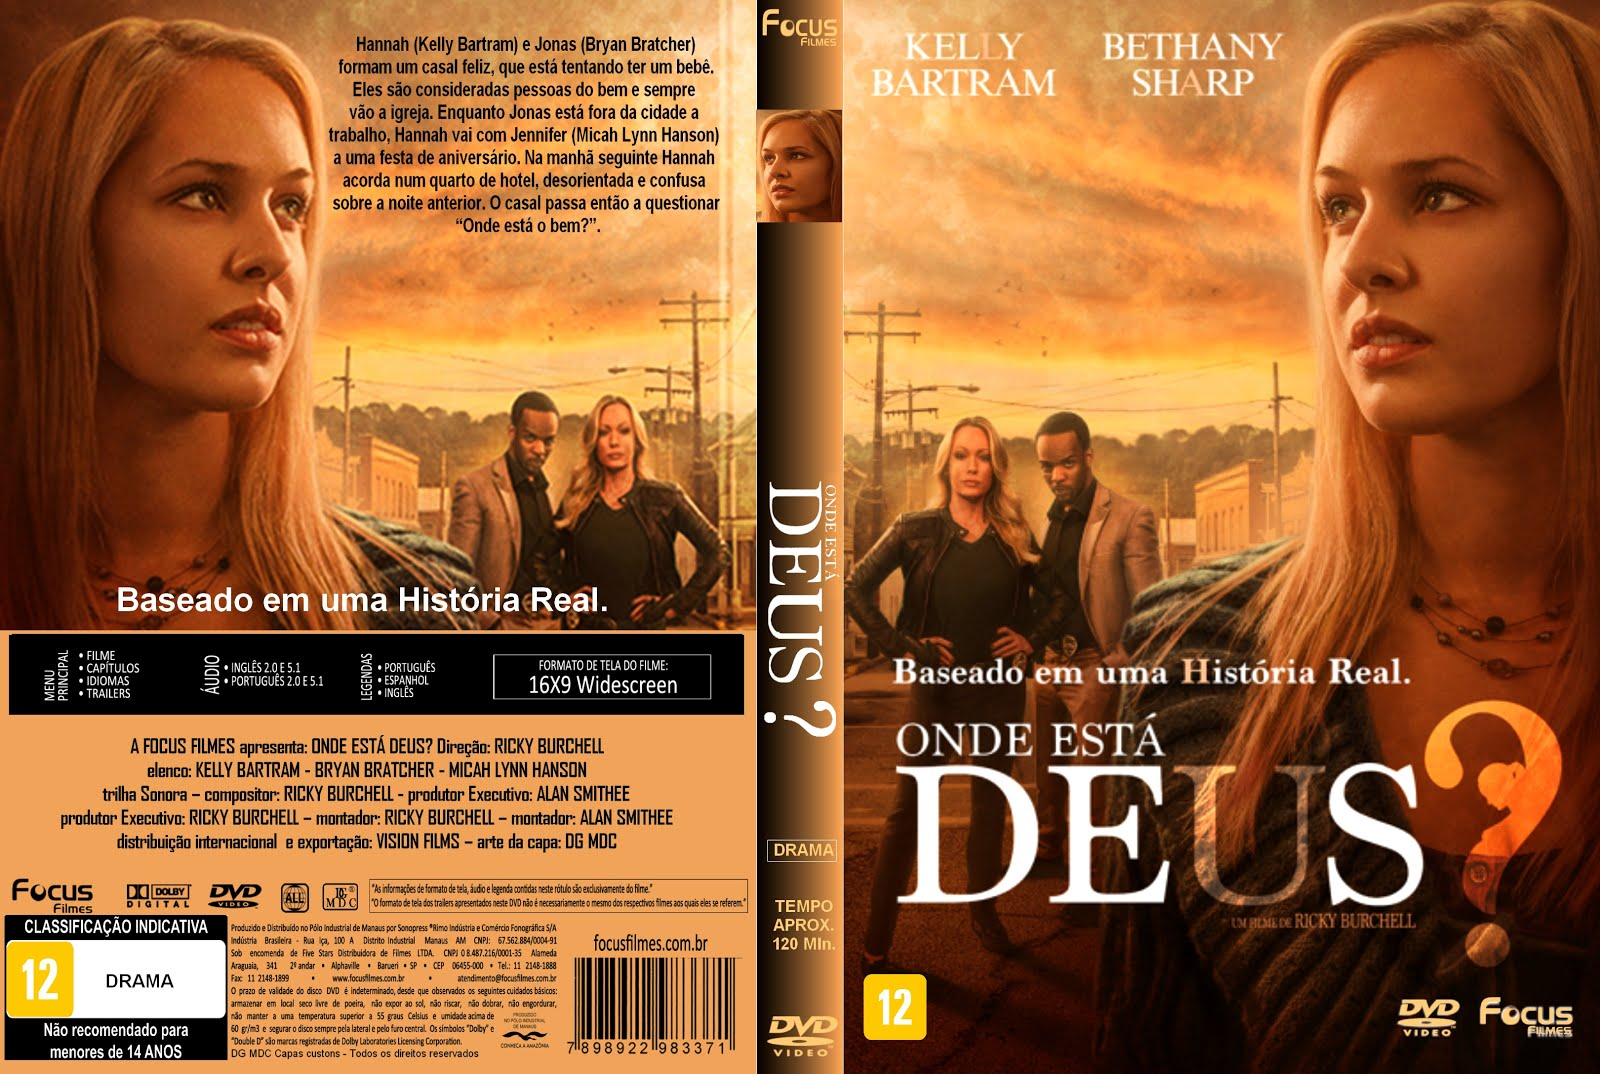 FILME ONLINE ONDE ESTÁ DEUS? - ASSISTA ONLINE AQUI